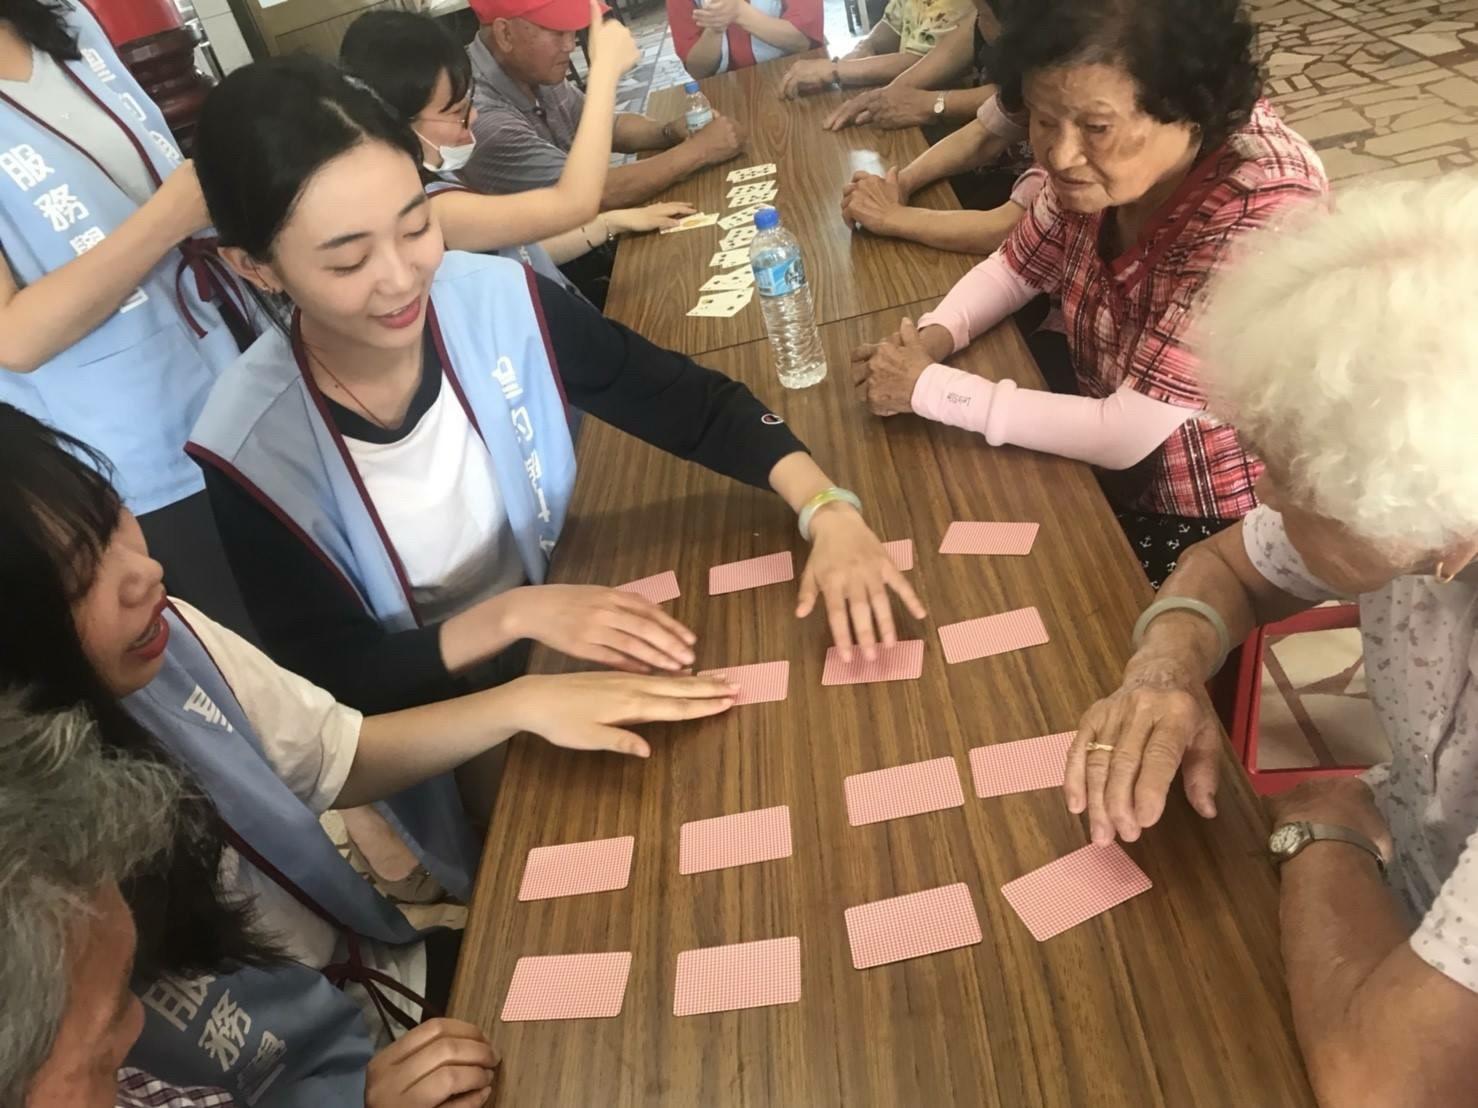 01-聖約翰科技大學服務團隊以遊戲方式陪伴社區長者.jpg